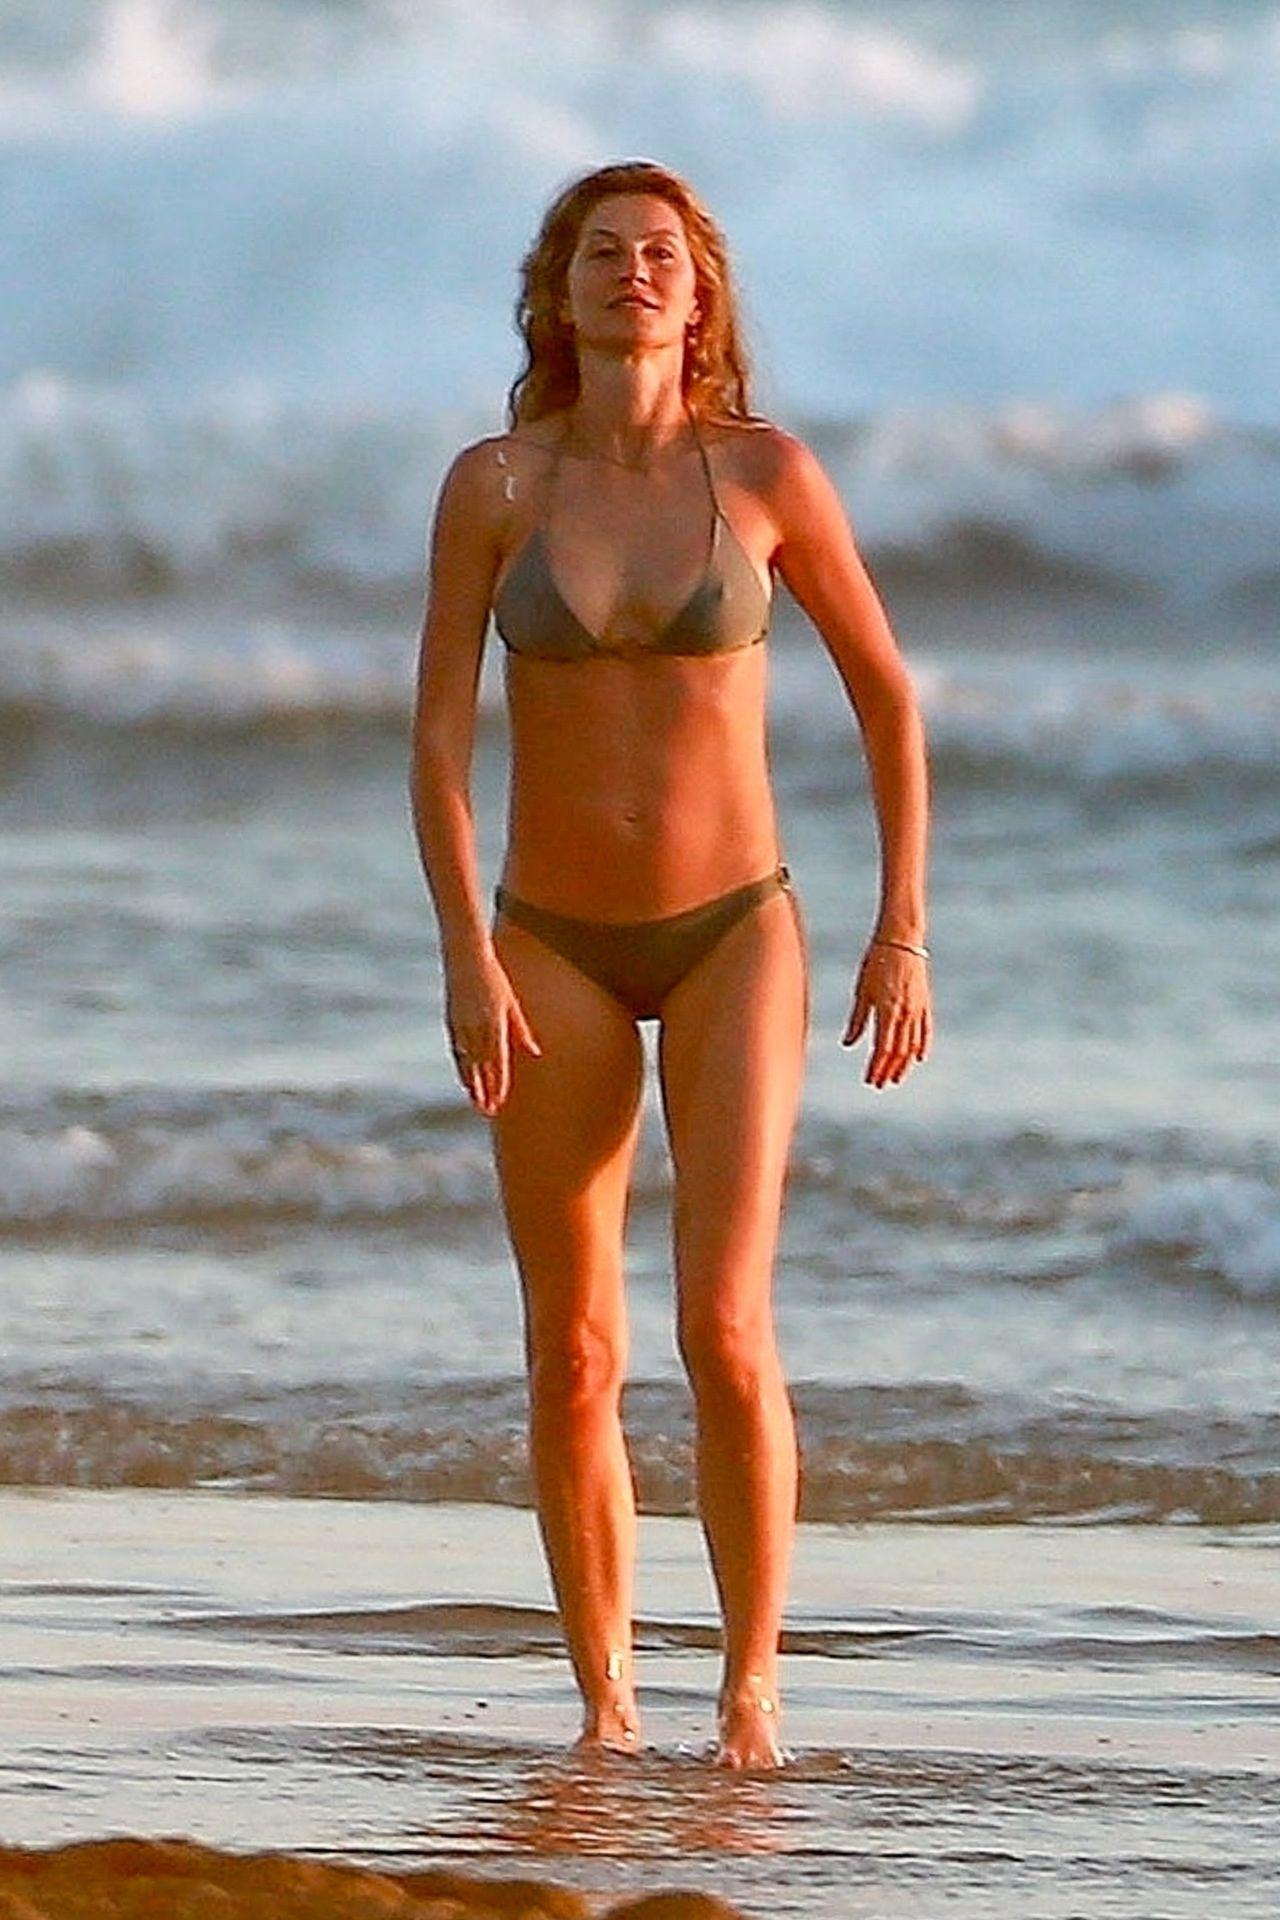 Gisele Bündchen Is Seen Enjoying The Warm Weather In Costa Rica 0017